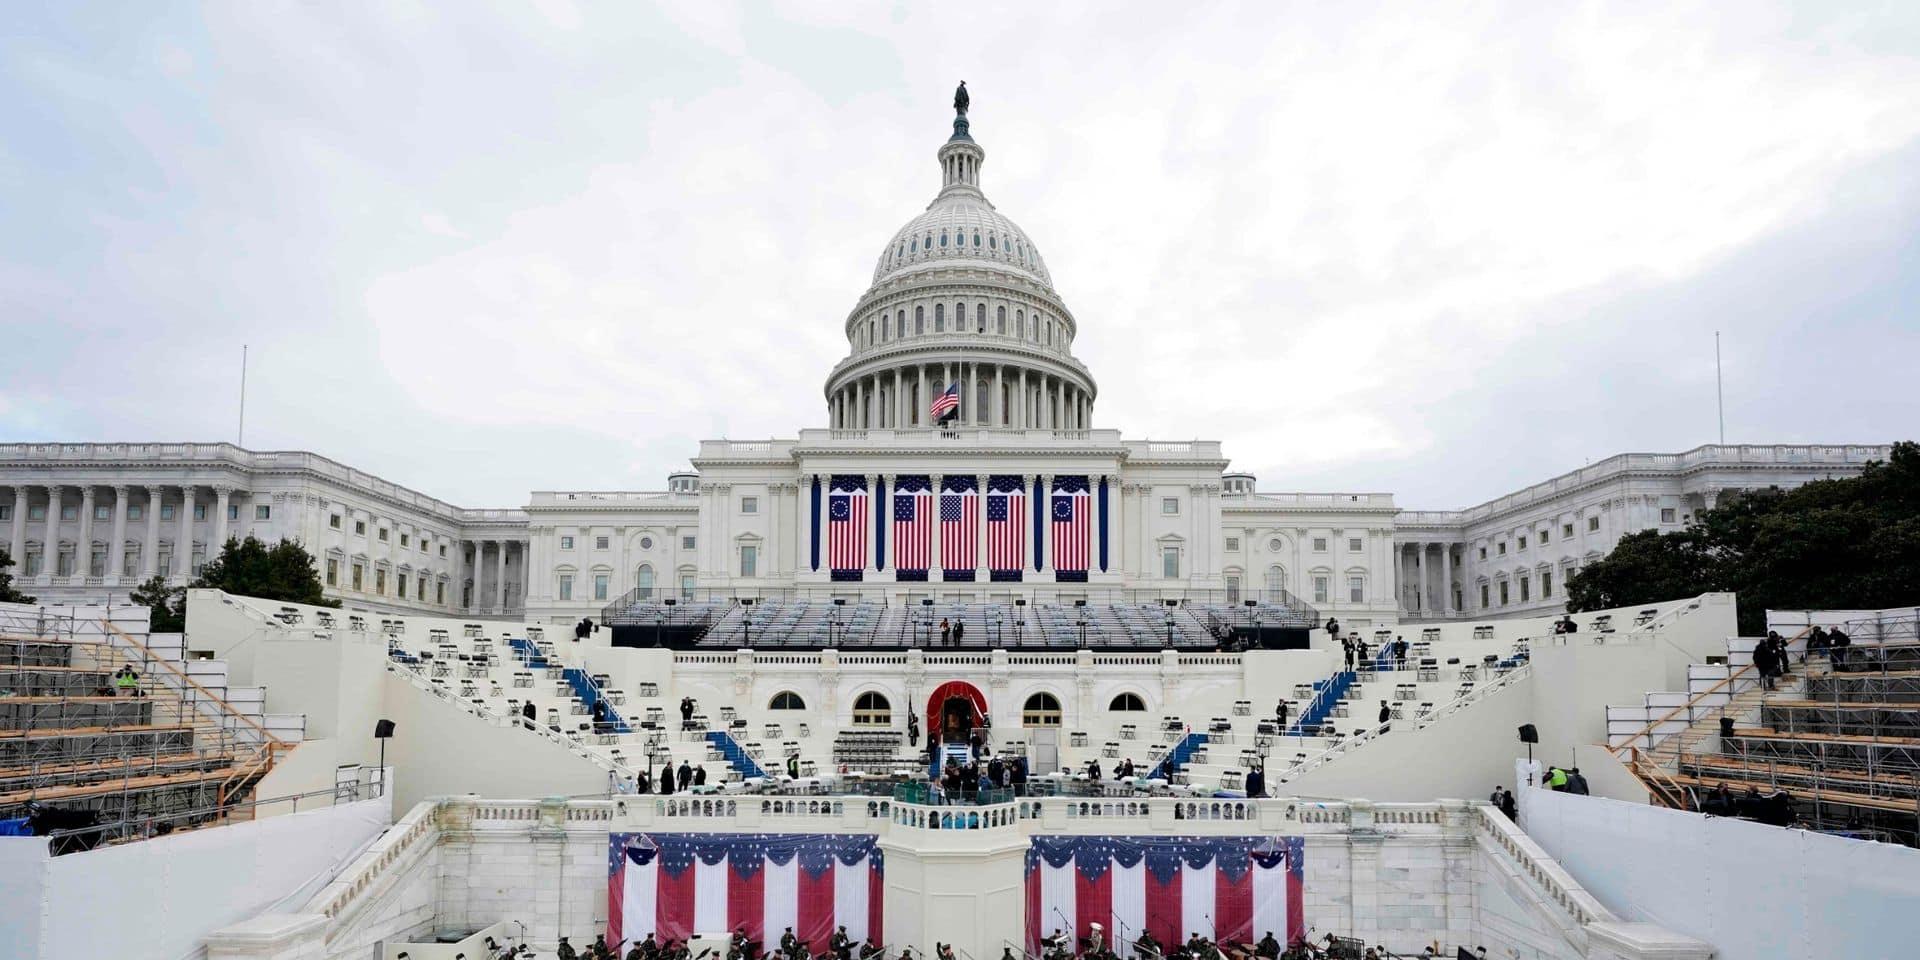 Le Capitole cible de nouvelles menaces, en lien avec le futur discours de Biden au Congrès